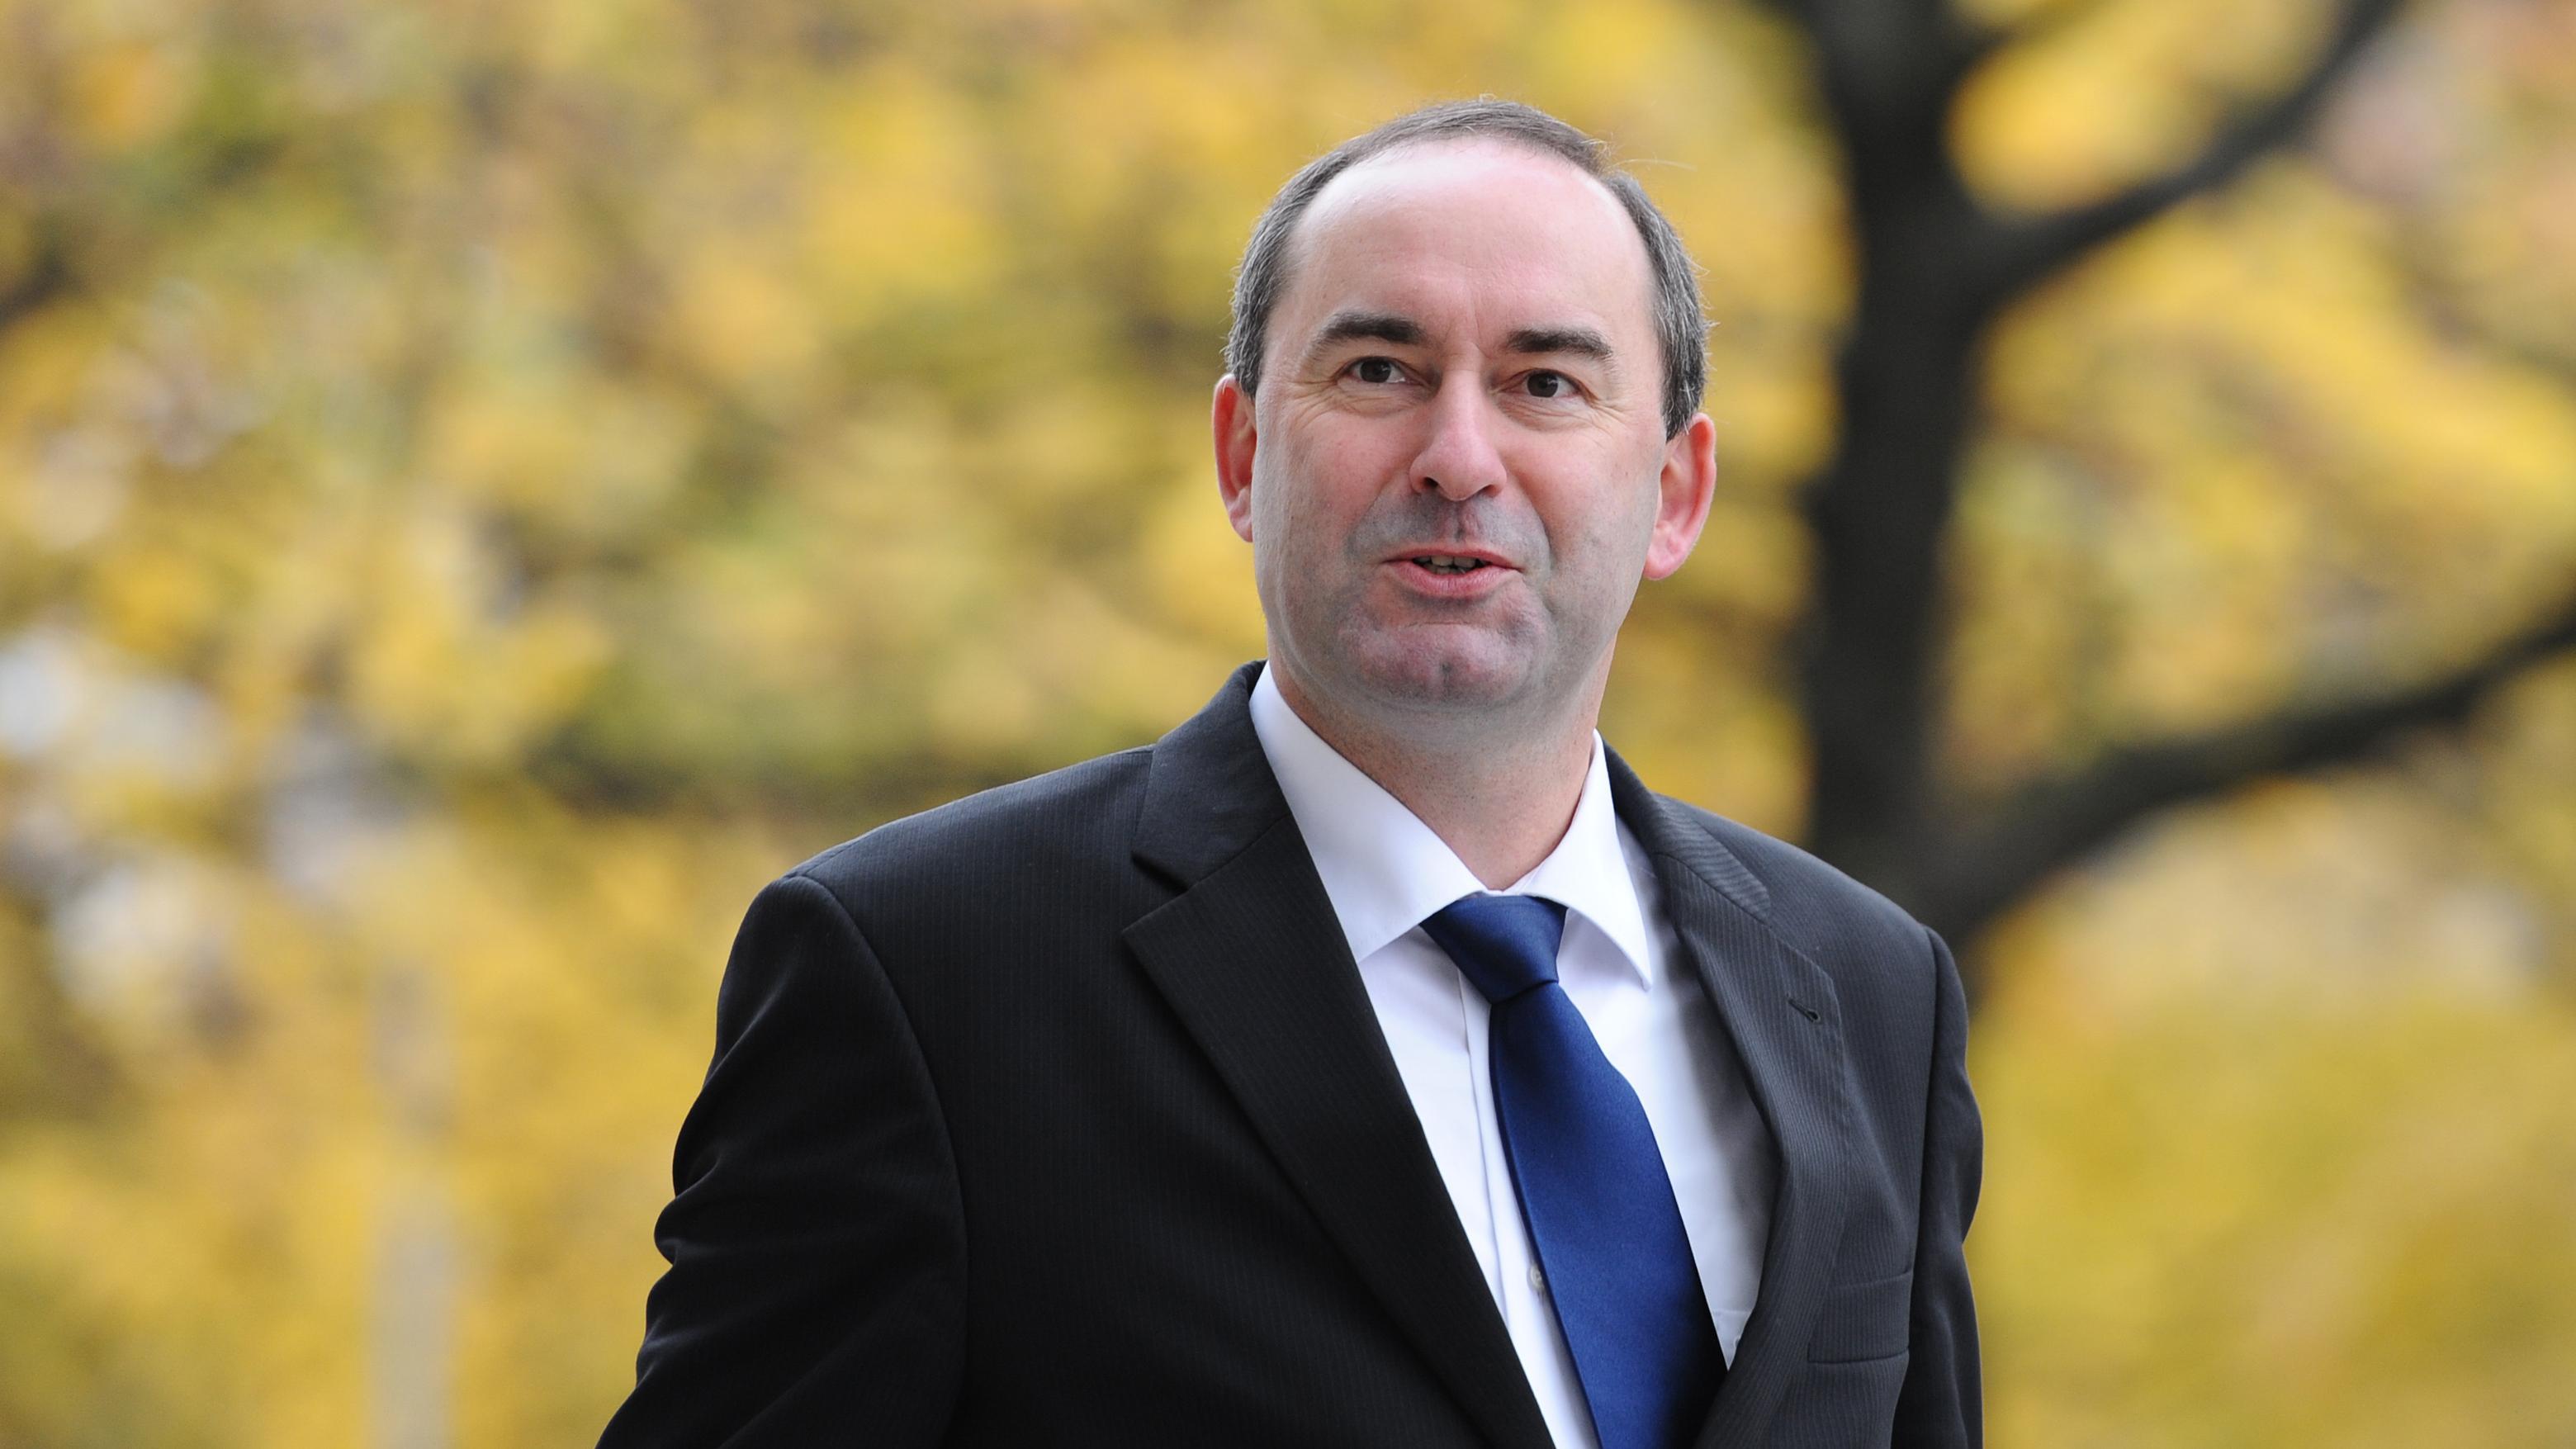 Der Fraktionsvorsitzende der Freien Wähler im Bayerischen Landtag, Hubert Aiwanger